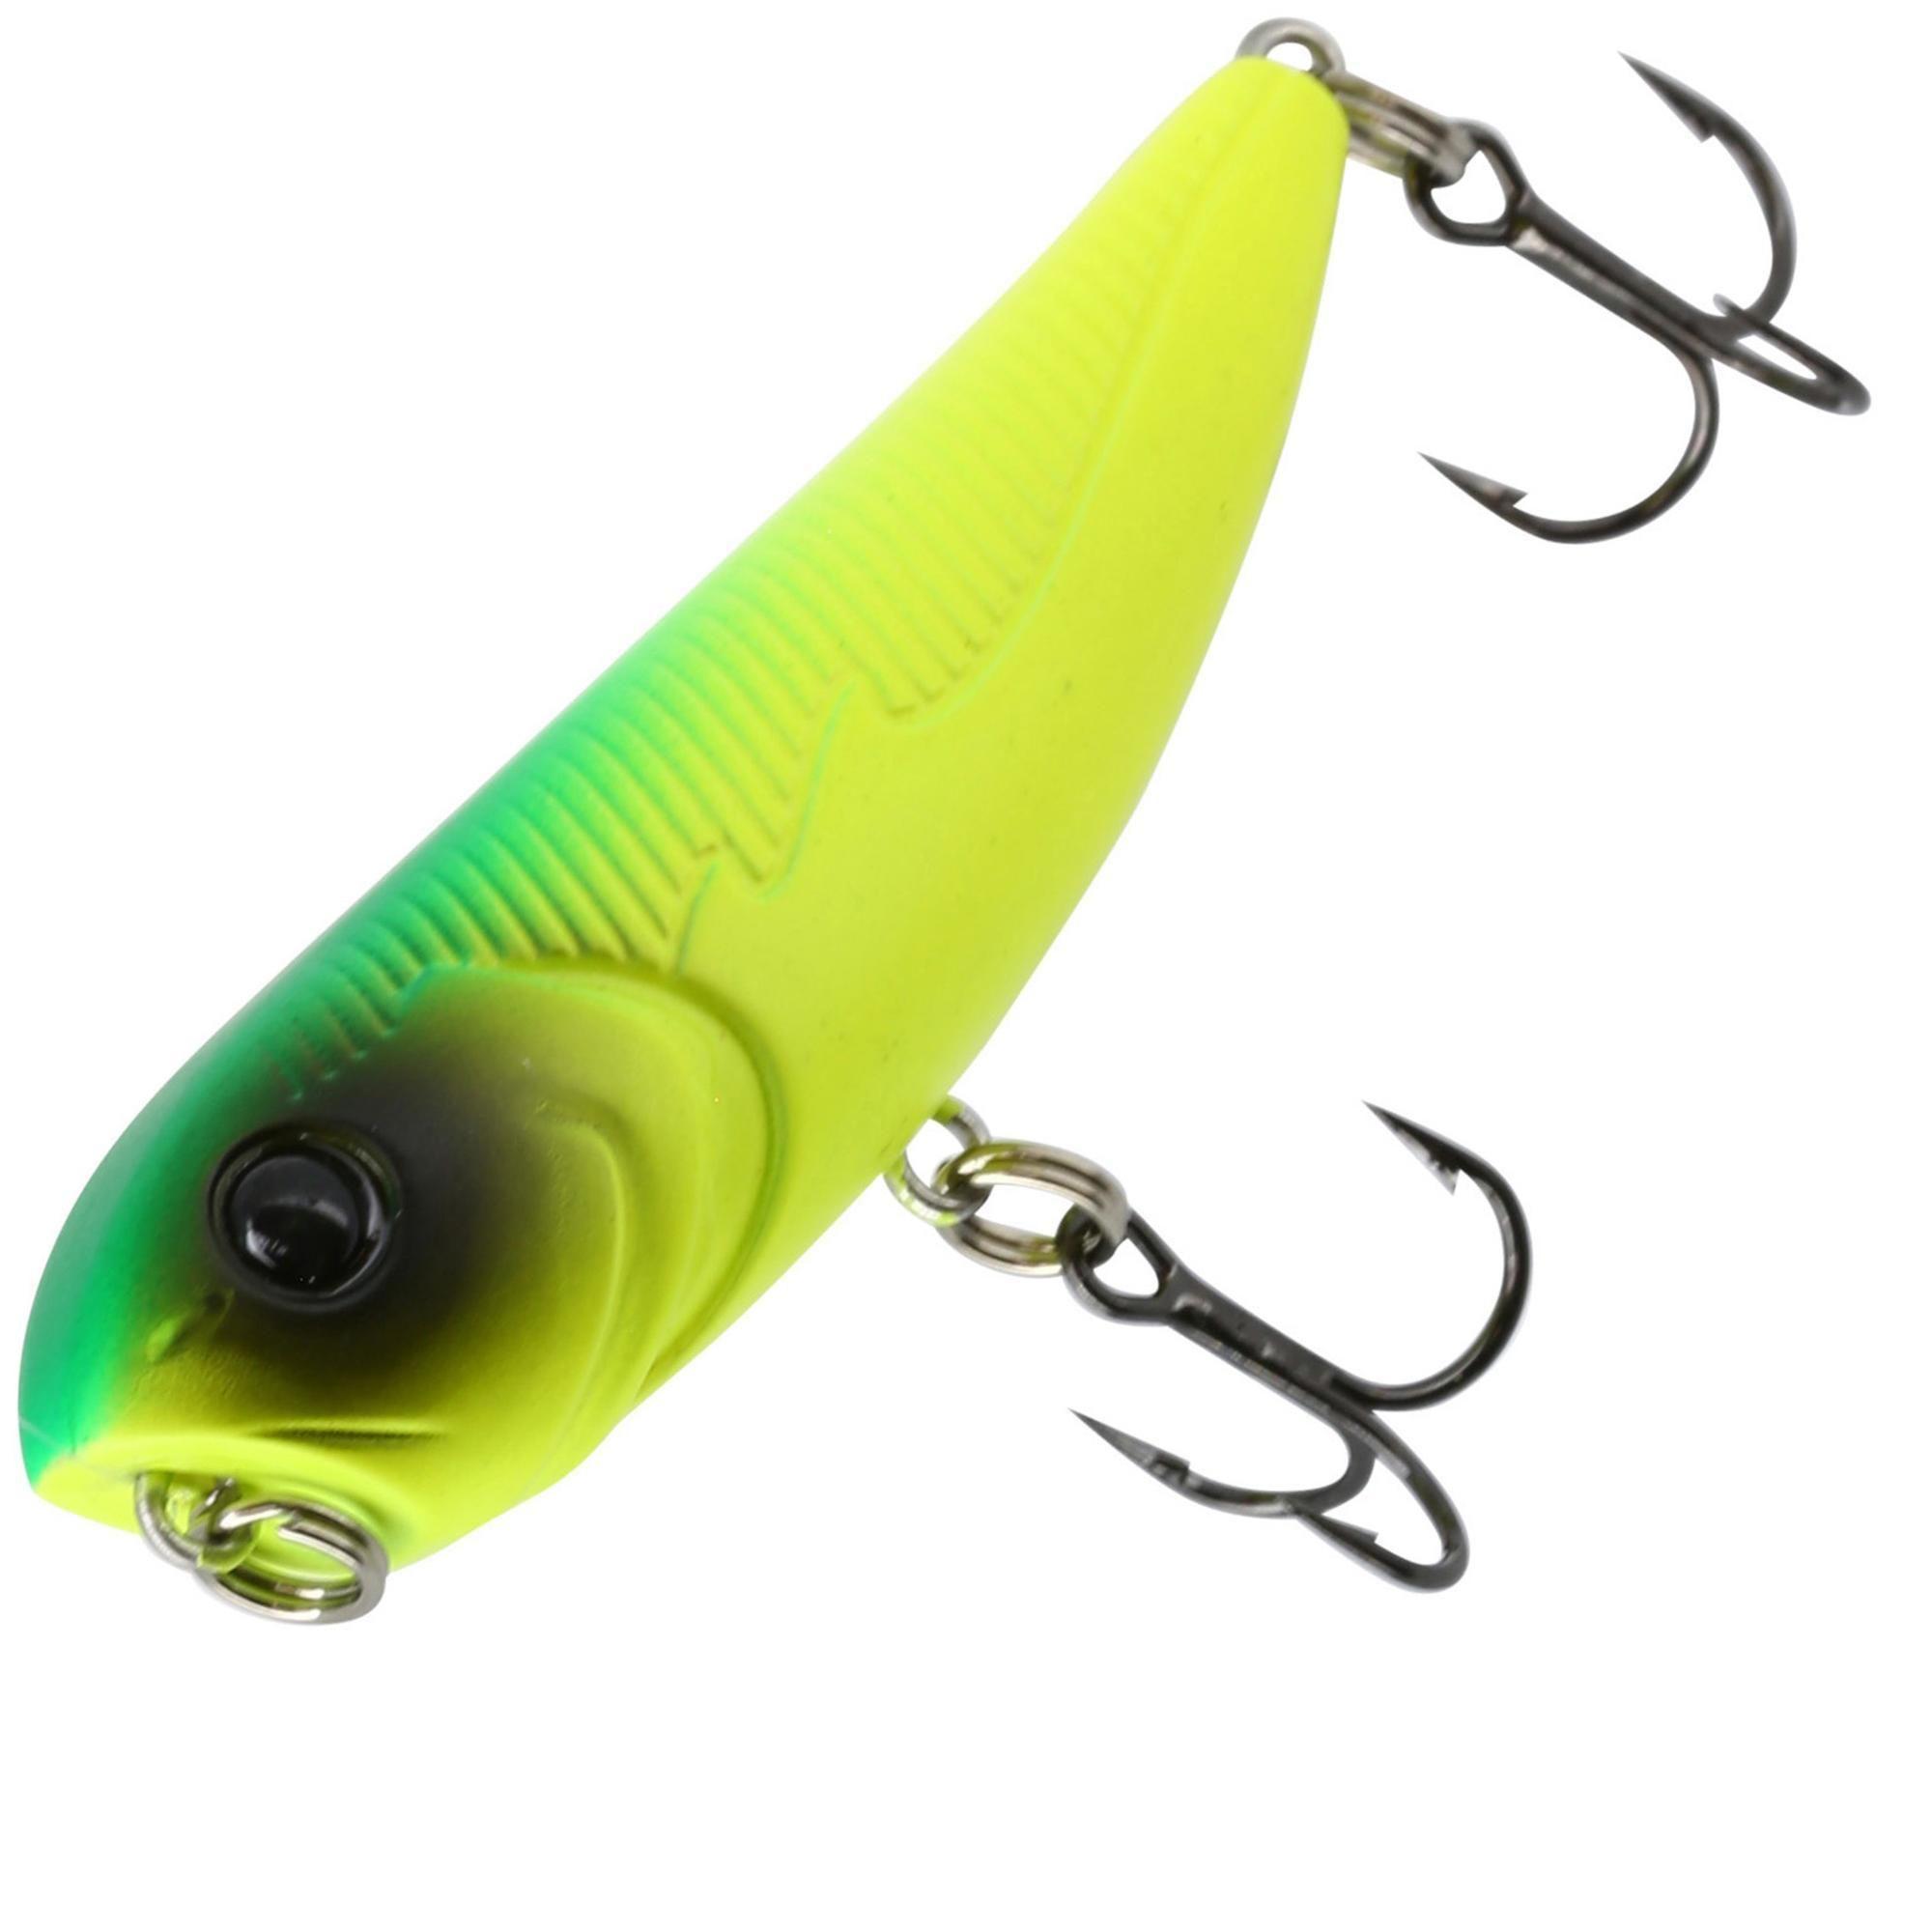 Caperlan - Hengelsport - Plug - Plug hengelsport Murray 60 baars. Ontworpen voor kunstaasvissen op roofvissen.